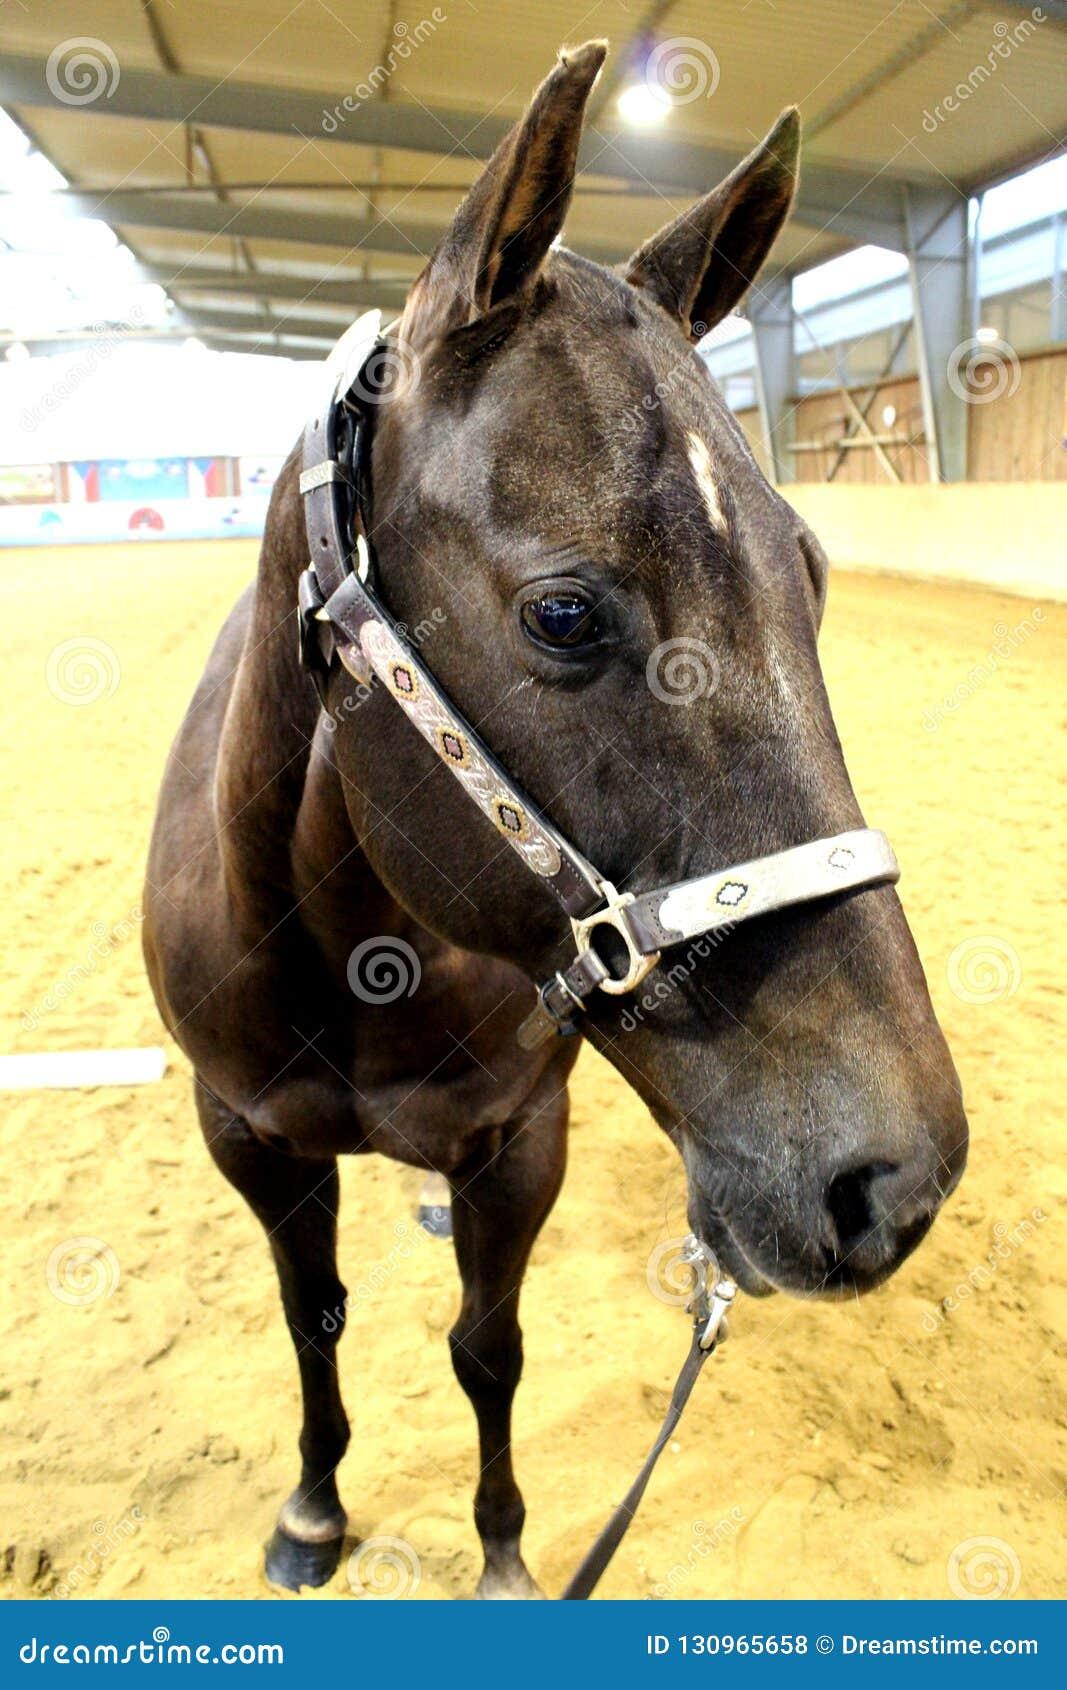 Western Horse Photo Stock Photo Image Of Horse Europe 130965658